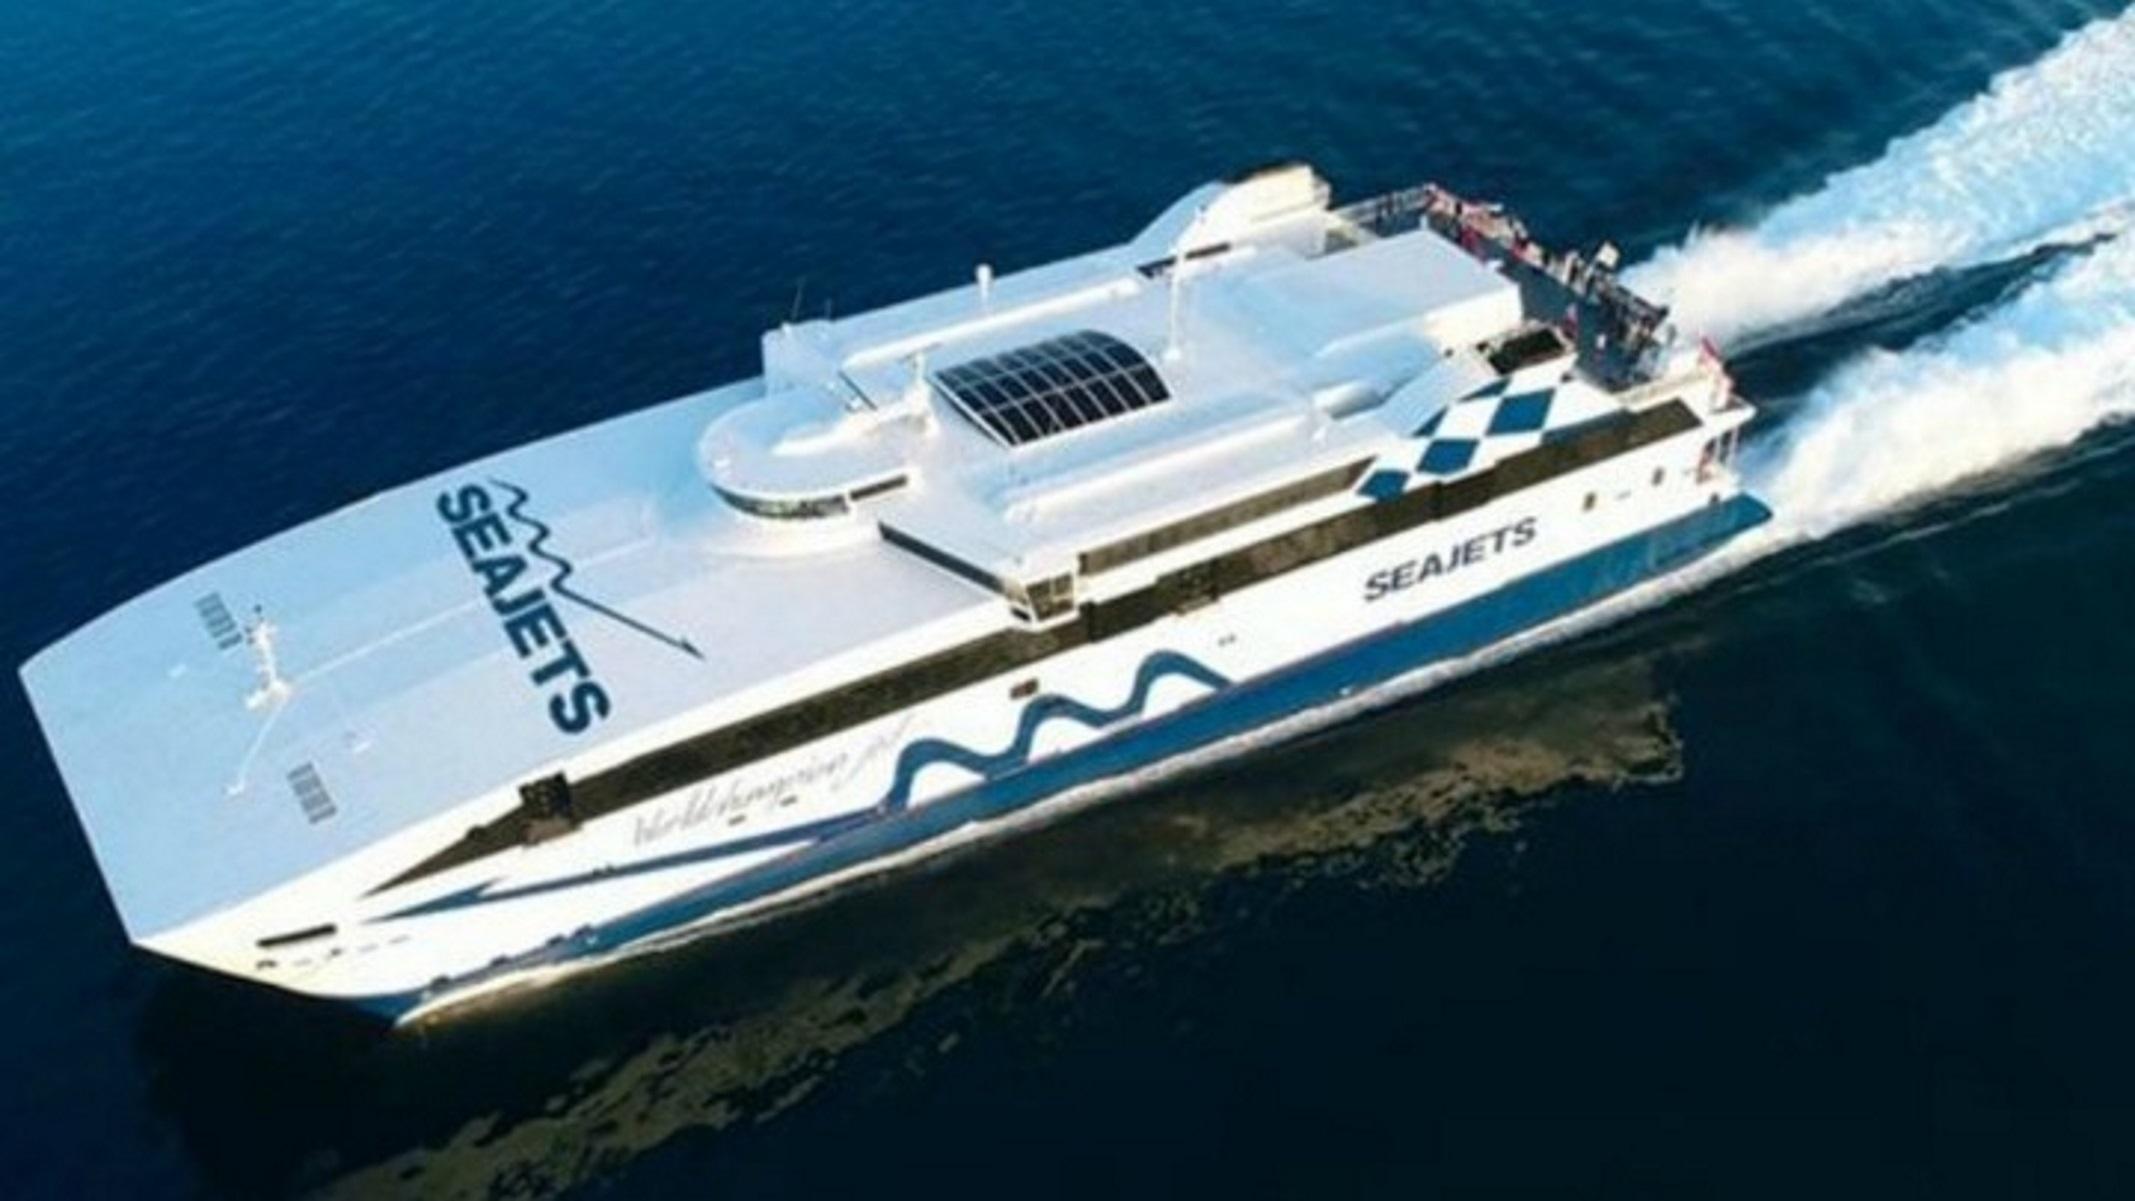 Καταμαράν Power Jet: Εισροή υδάτων με 333 επιβάτες – Γύρισε στη Σαντορίνη